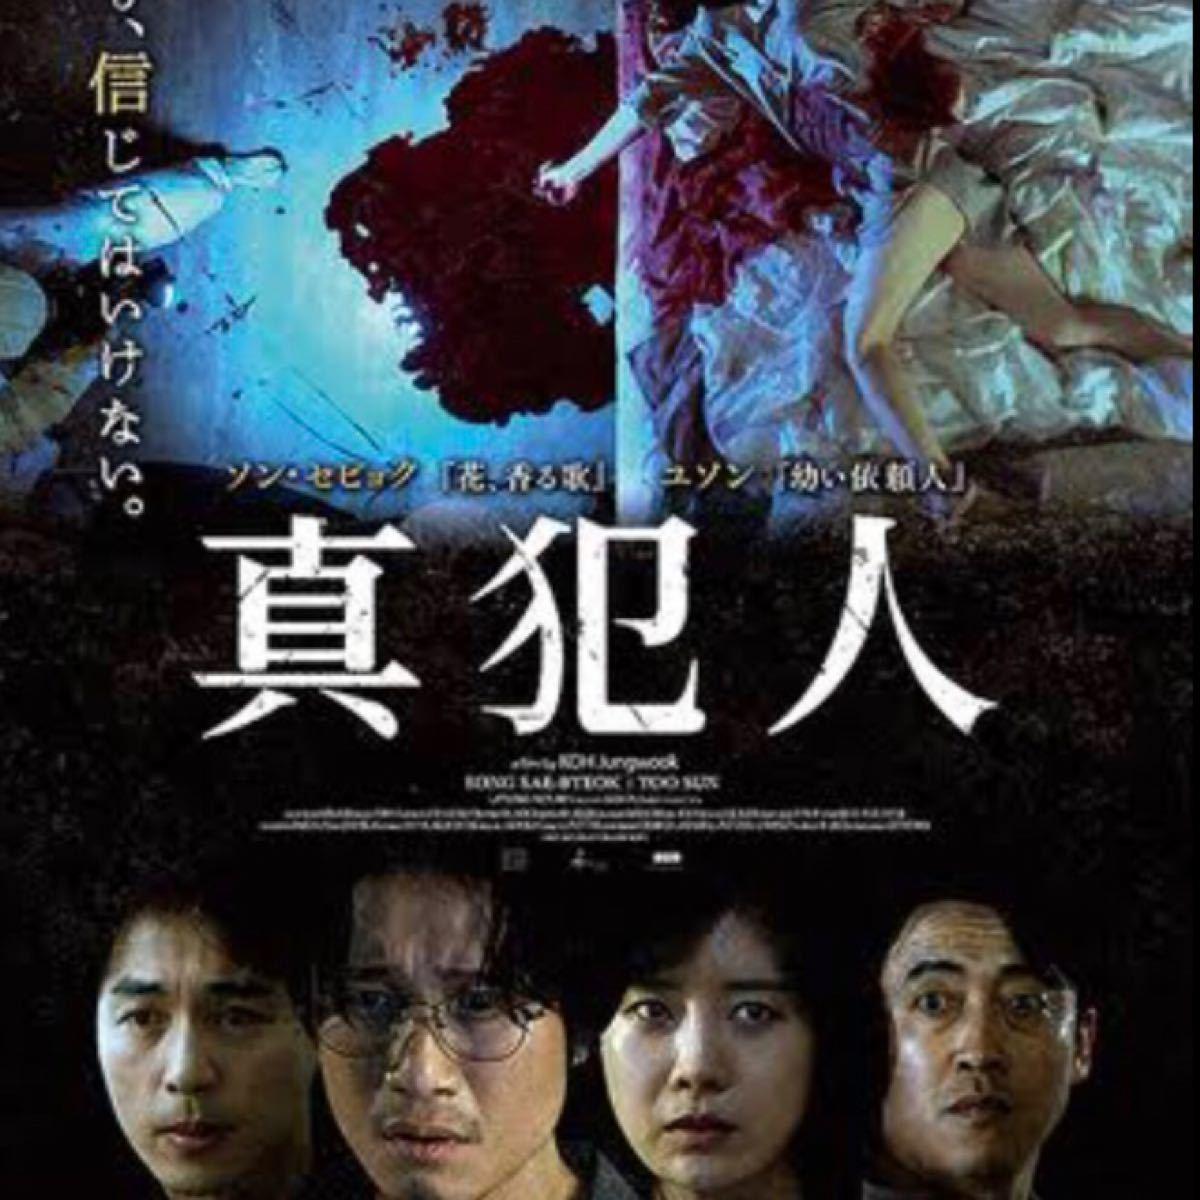 韓国映画  真犯人  ユソン  シン・セビョク  DVD  レーベル有り